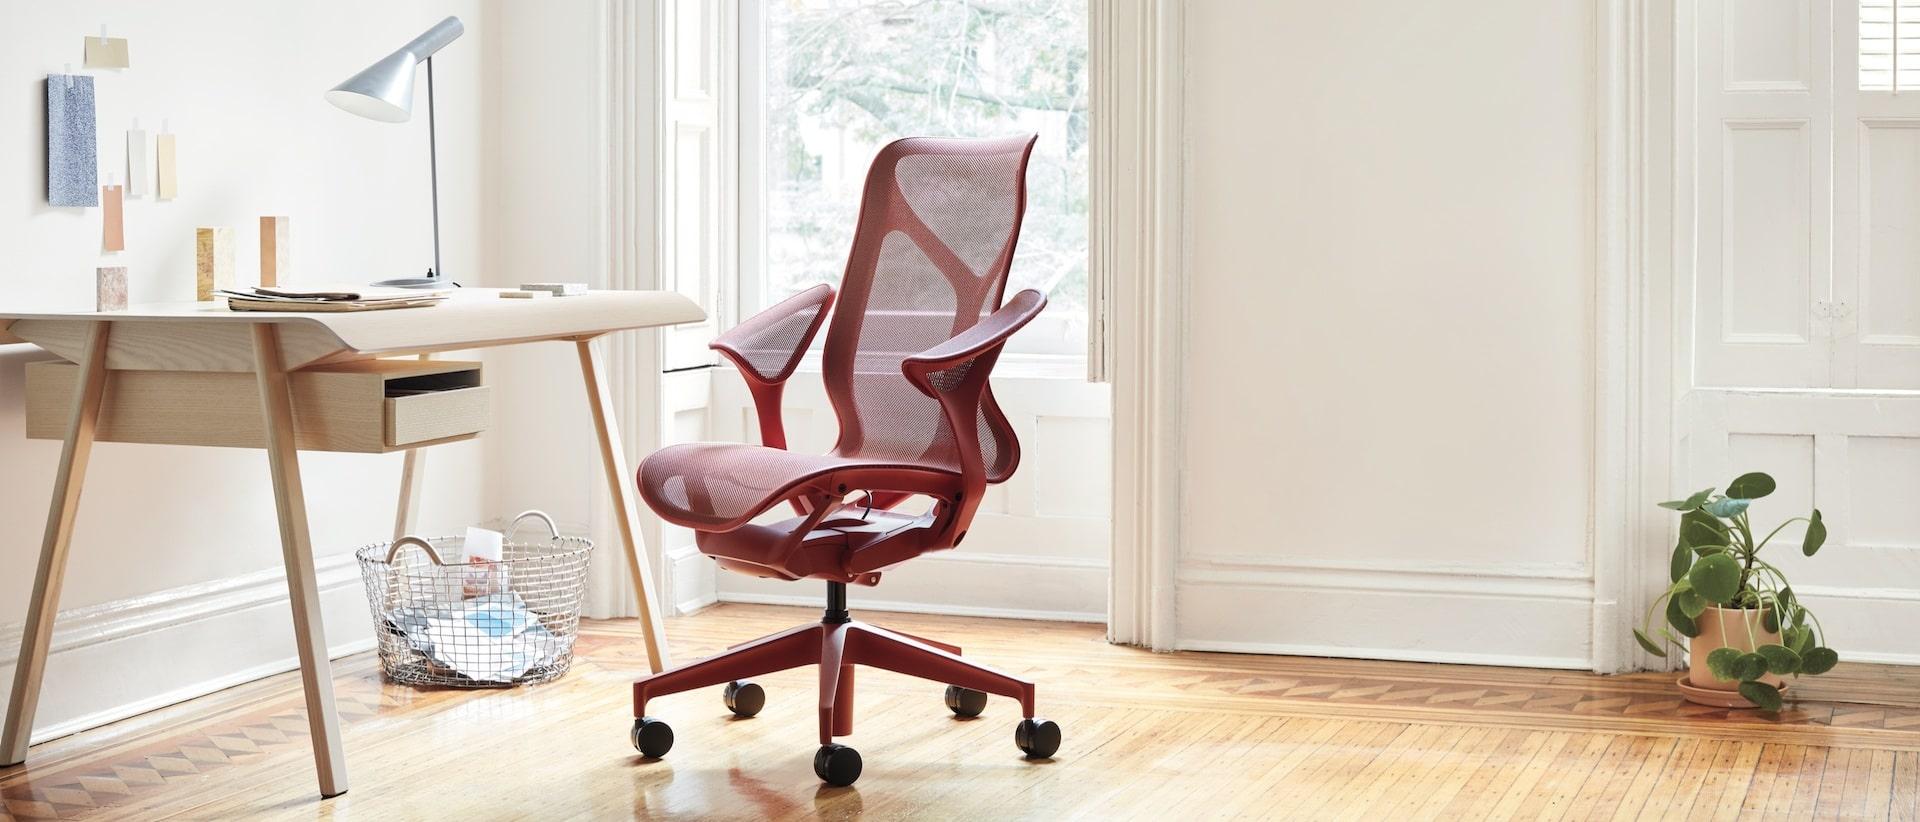 cadeira Cosm